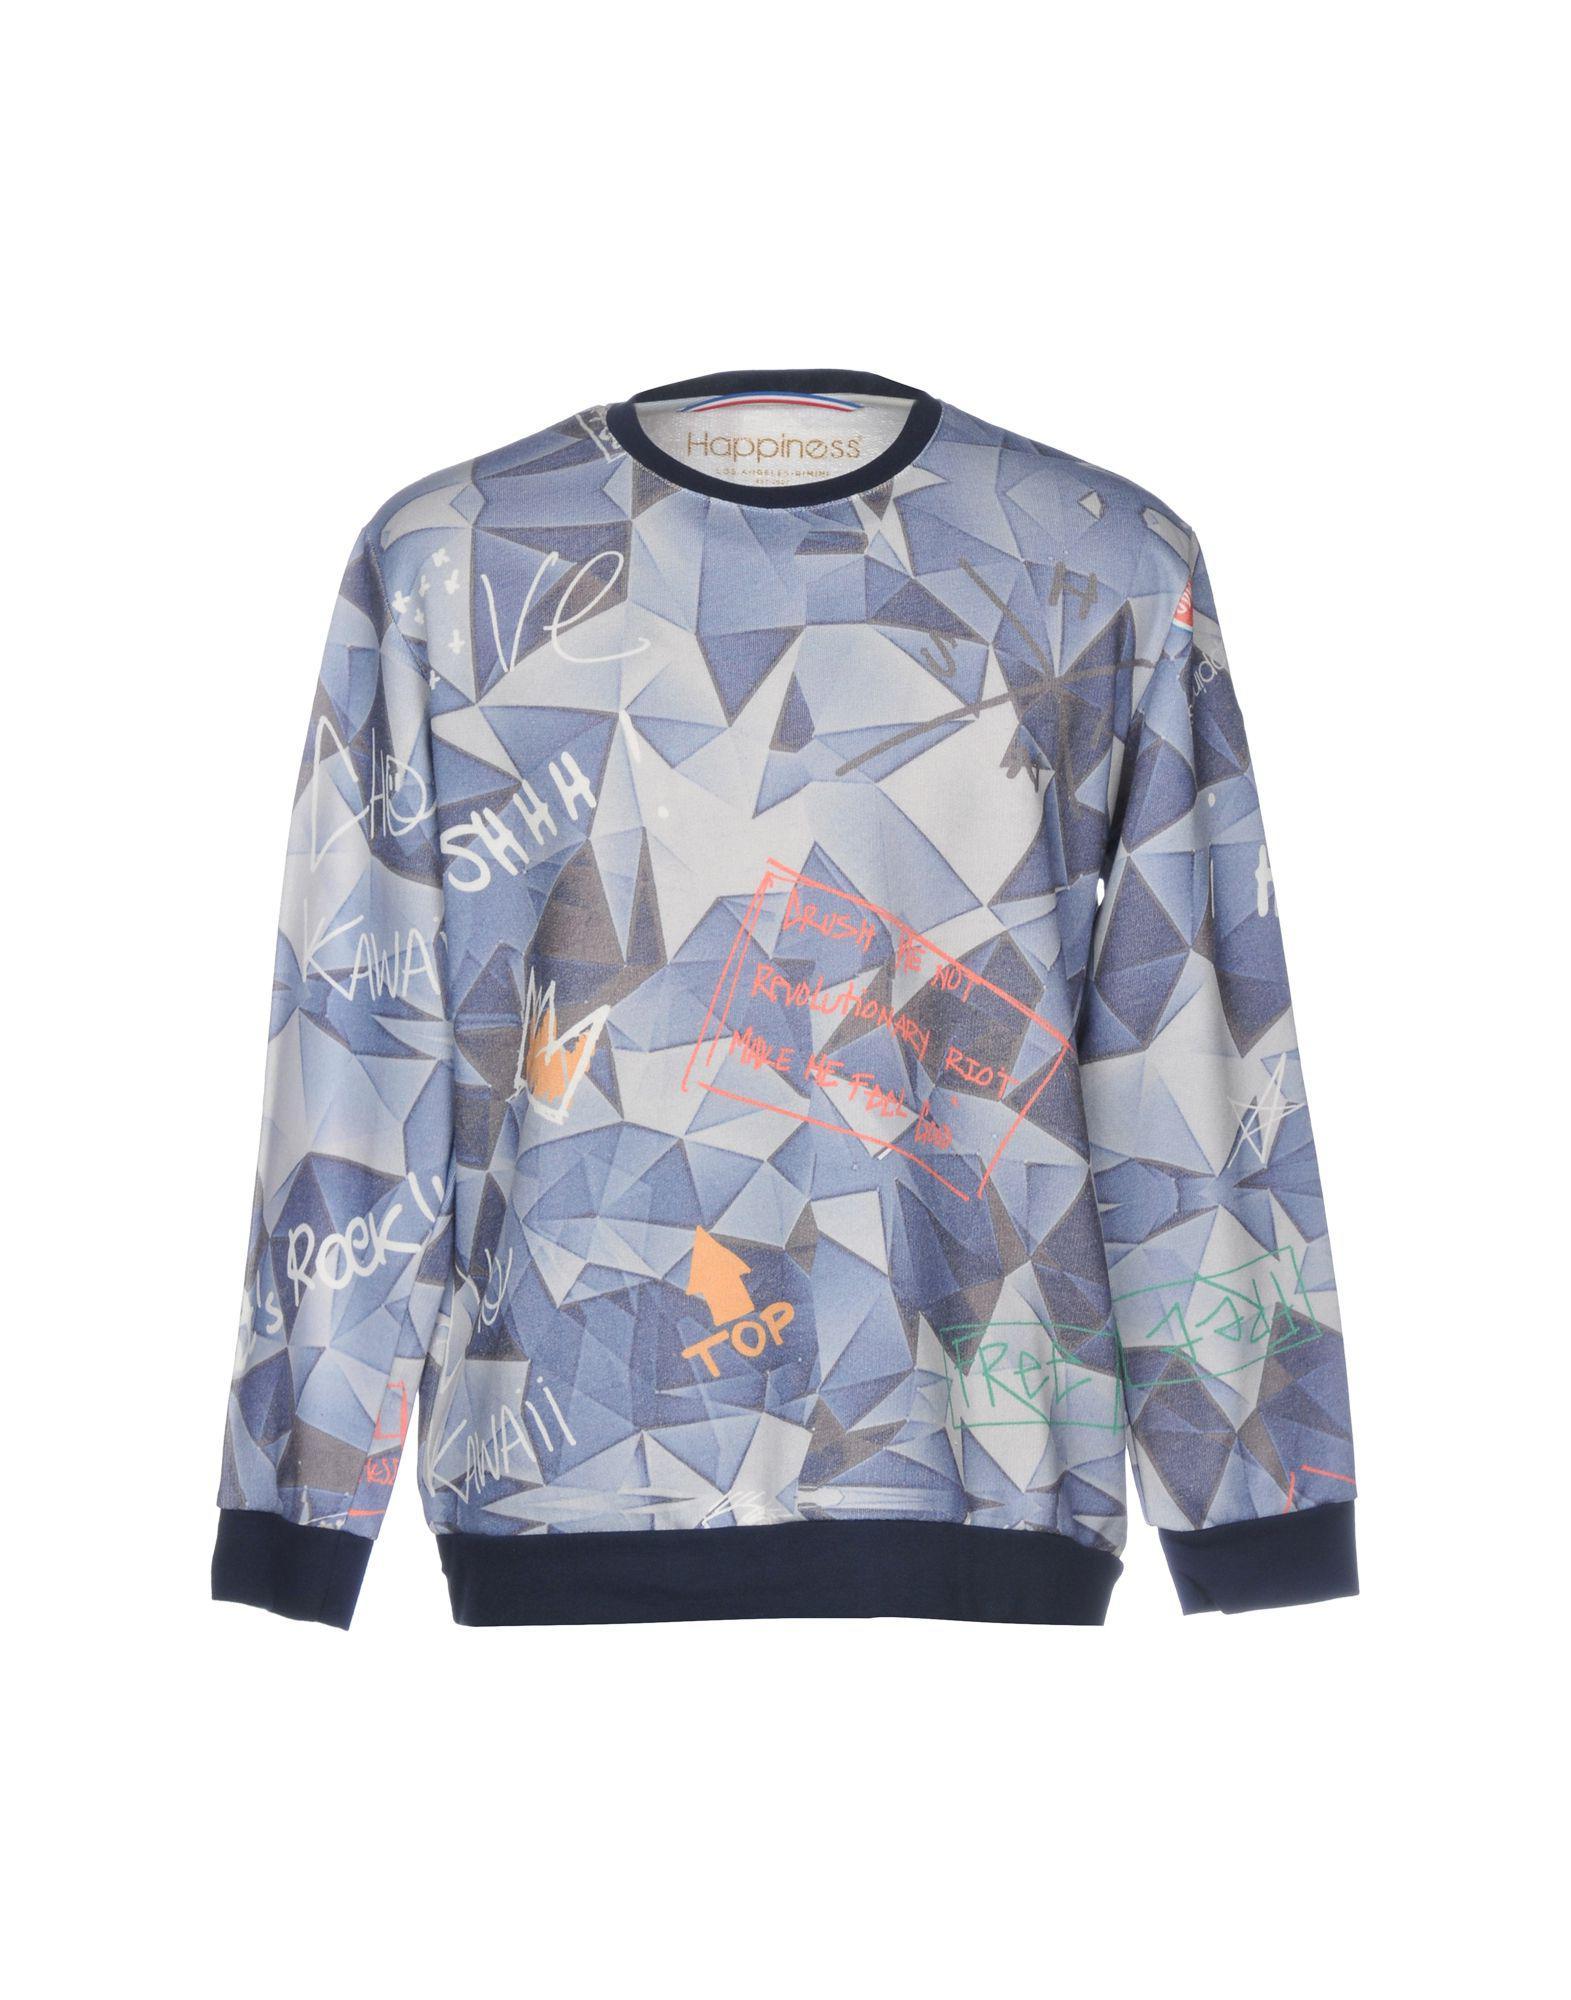 Herren-Sport-Sweatshirts & -Pullover Polaire Colmar 9mk Sweatshirt Replica Herren-Sport-Bekleidung